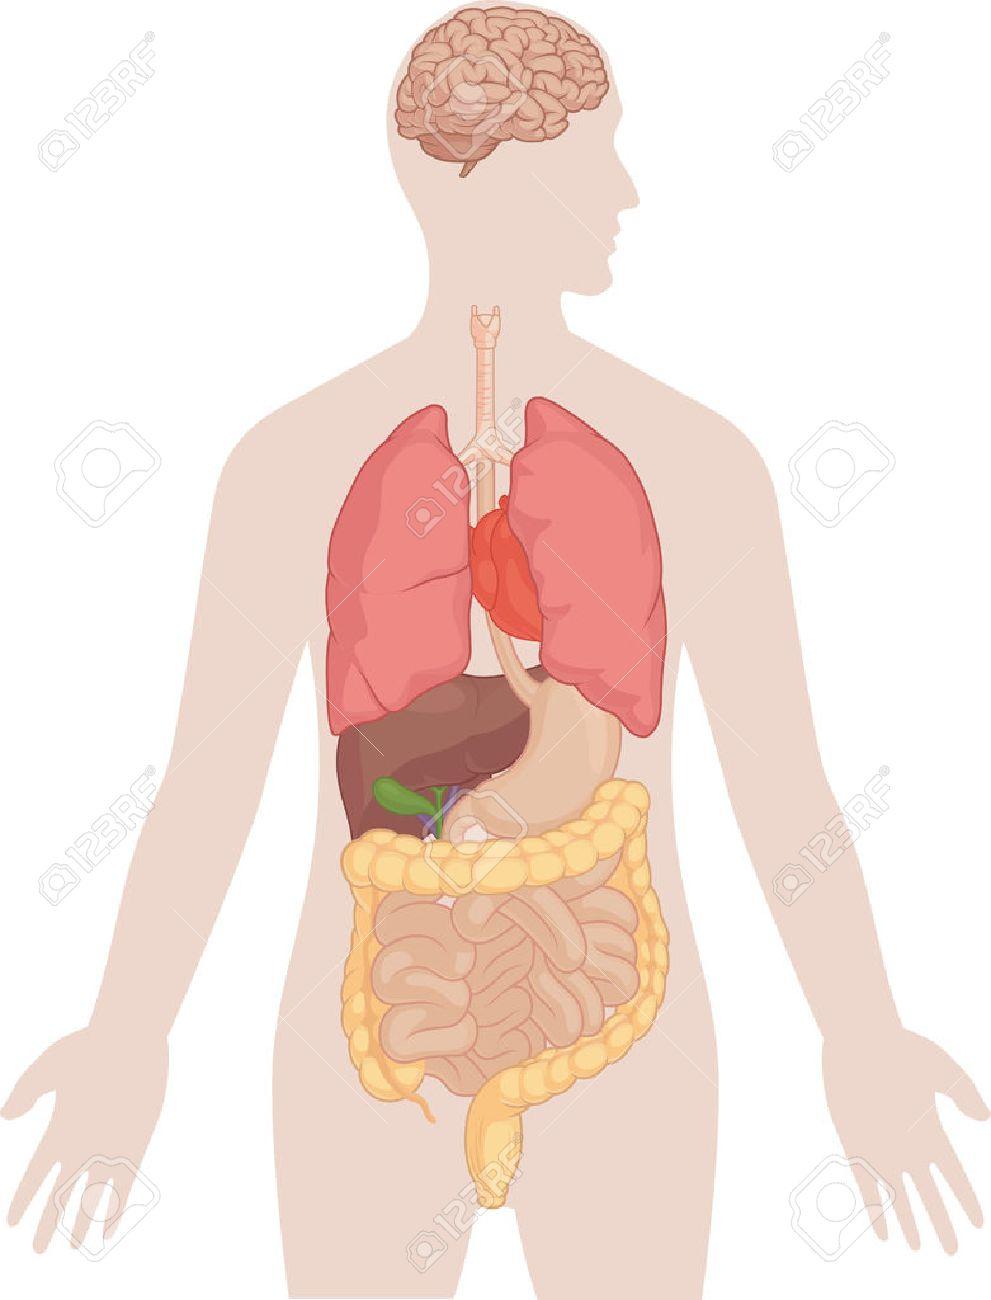 Extrem Anatomie Du Corps Humain - Cerveau, Les Poumons, Le Coeur, Le Foie  TI32